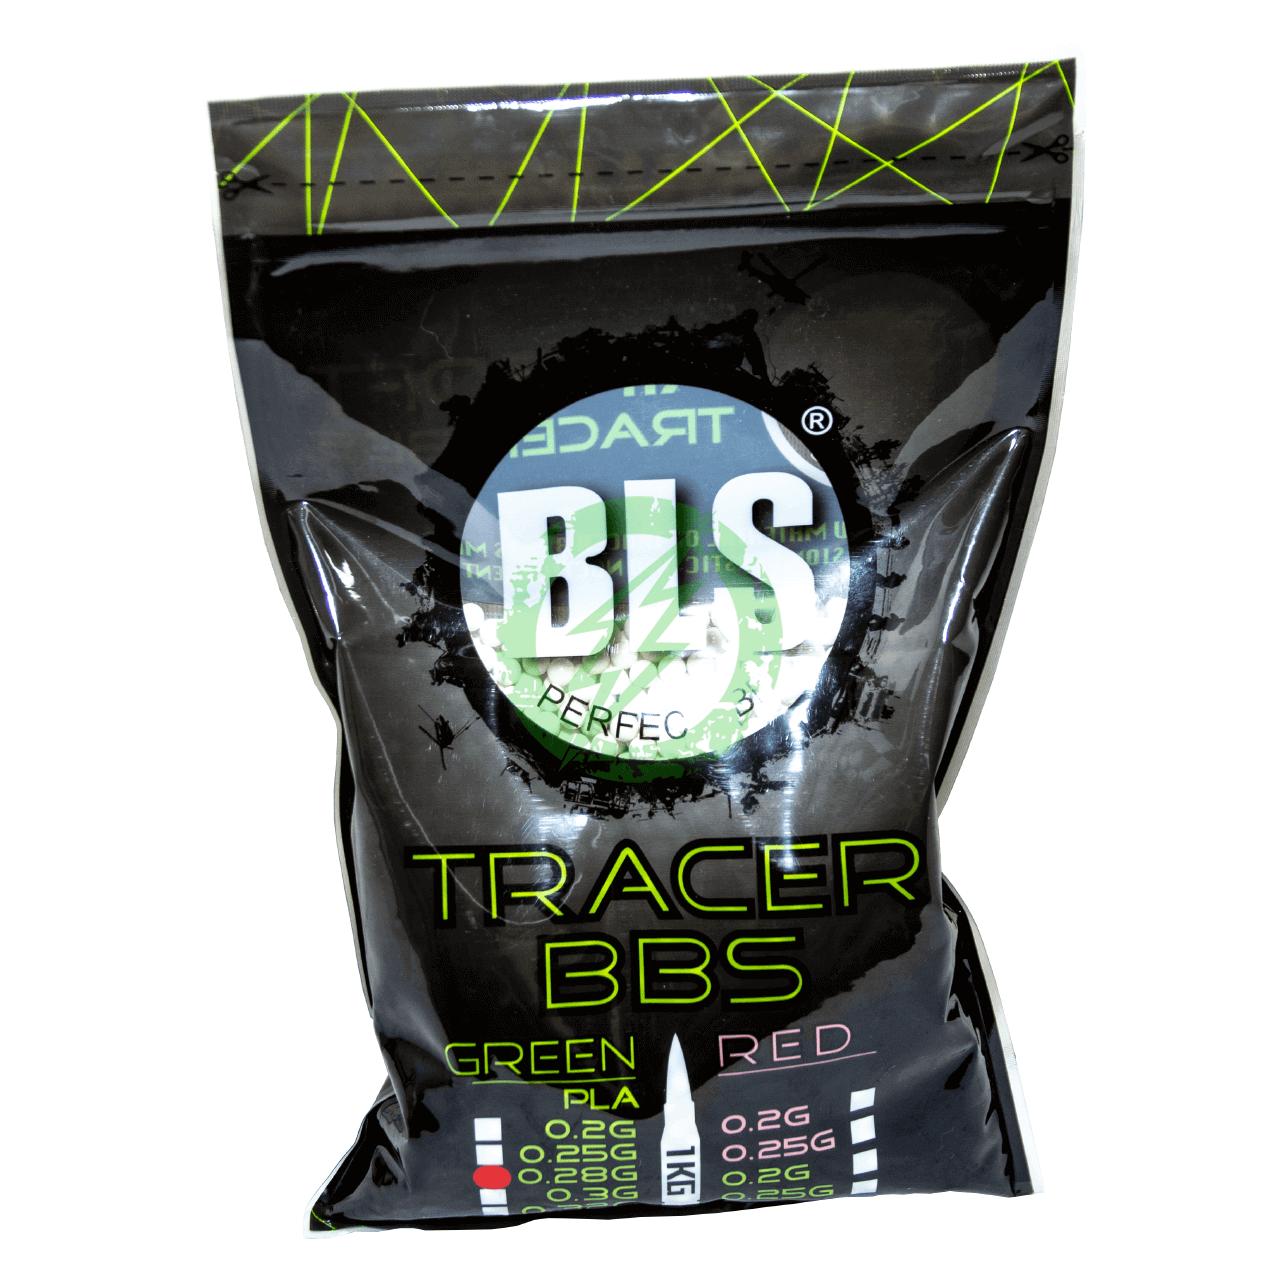 BLS Perfect High Precision Tracer BBs | Bio & Non-Bio